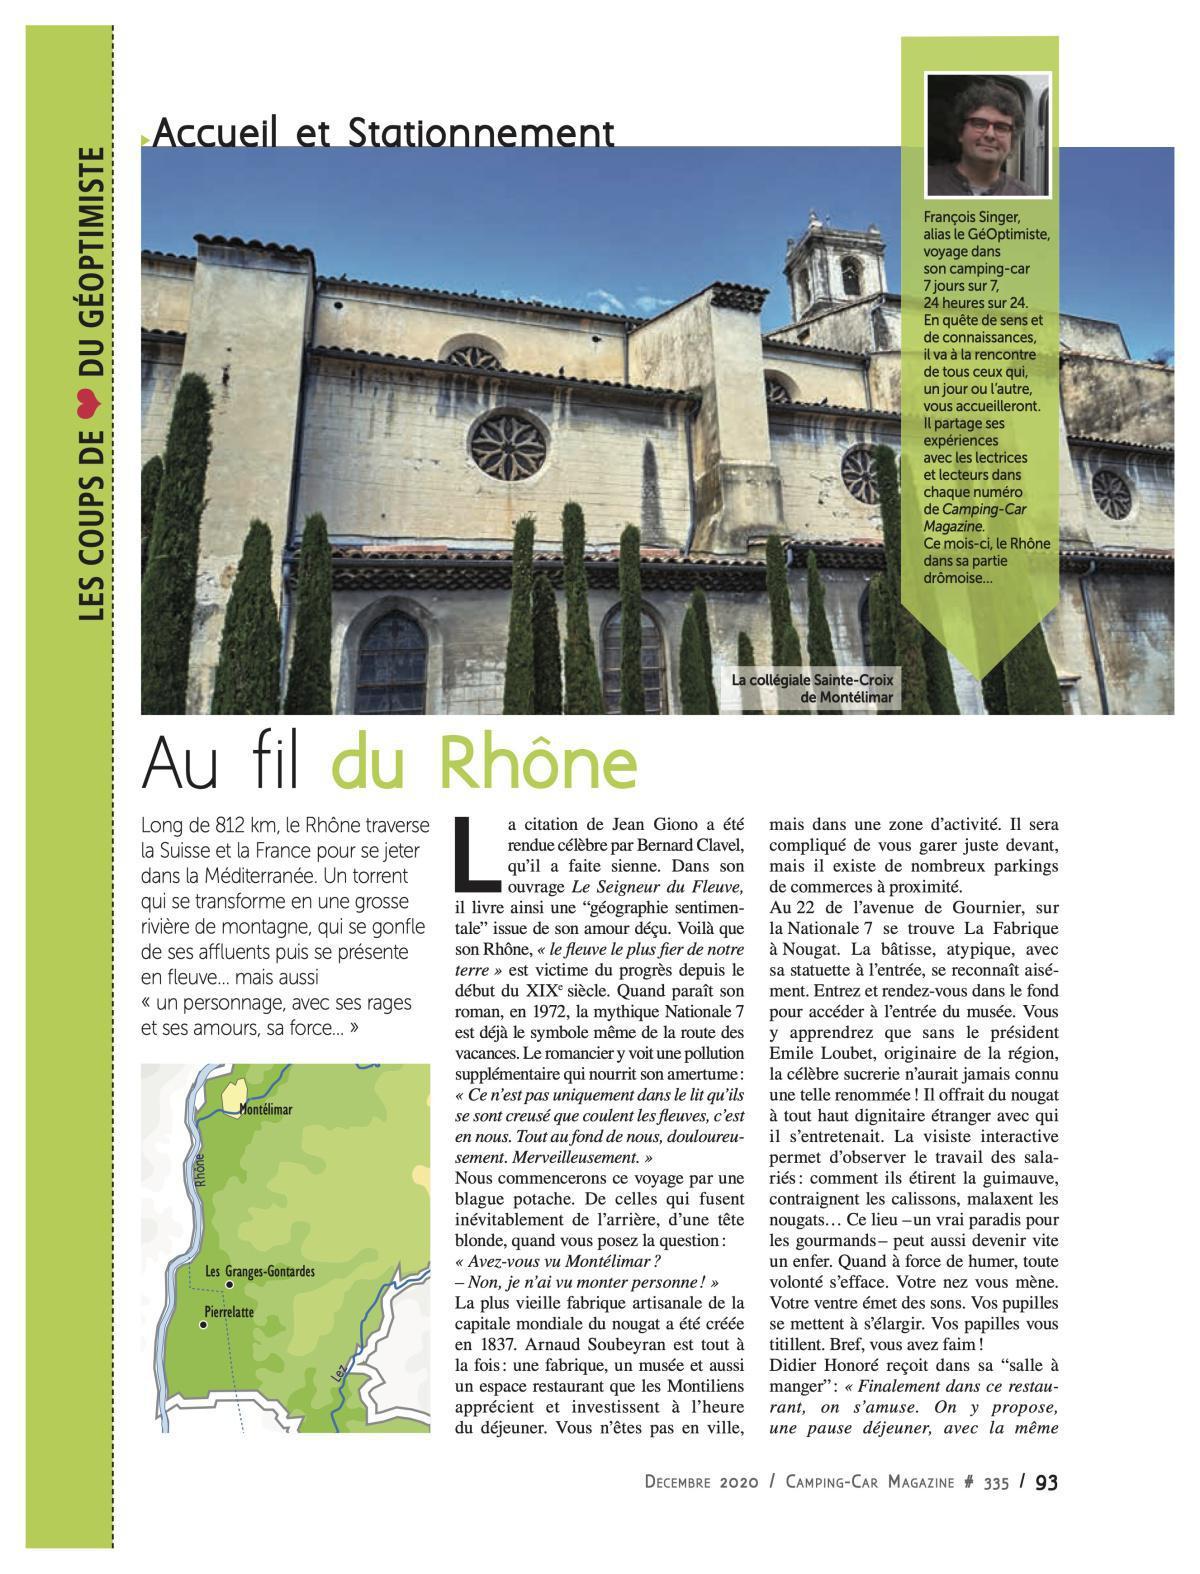 Au fil du Rhône - CCM 335